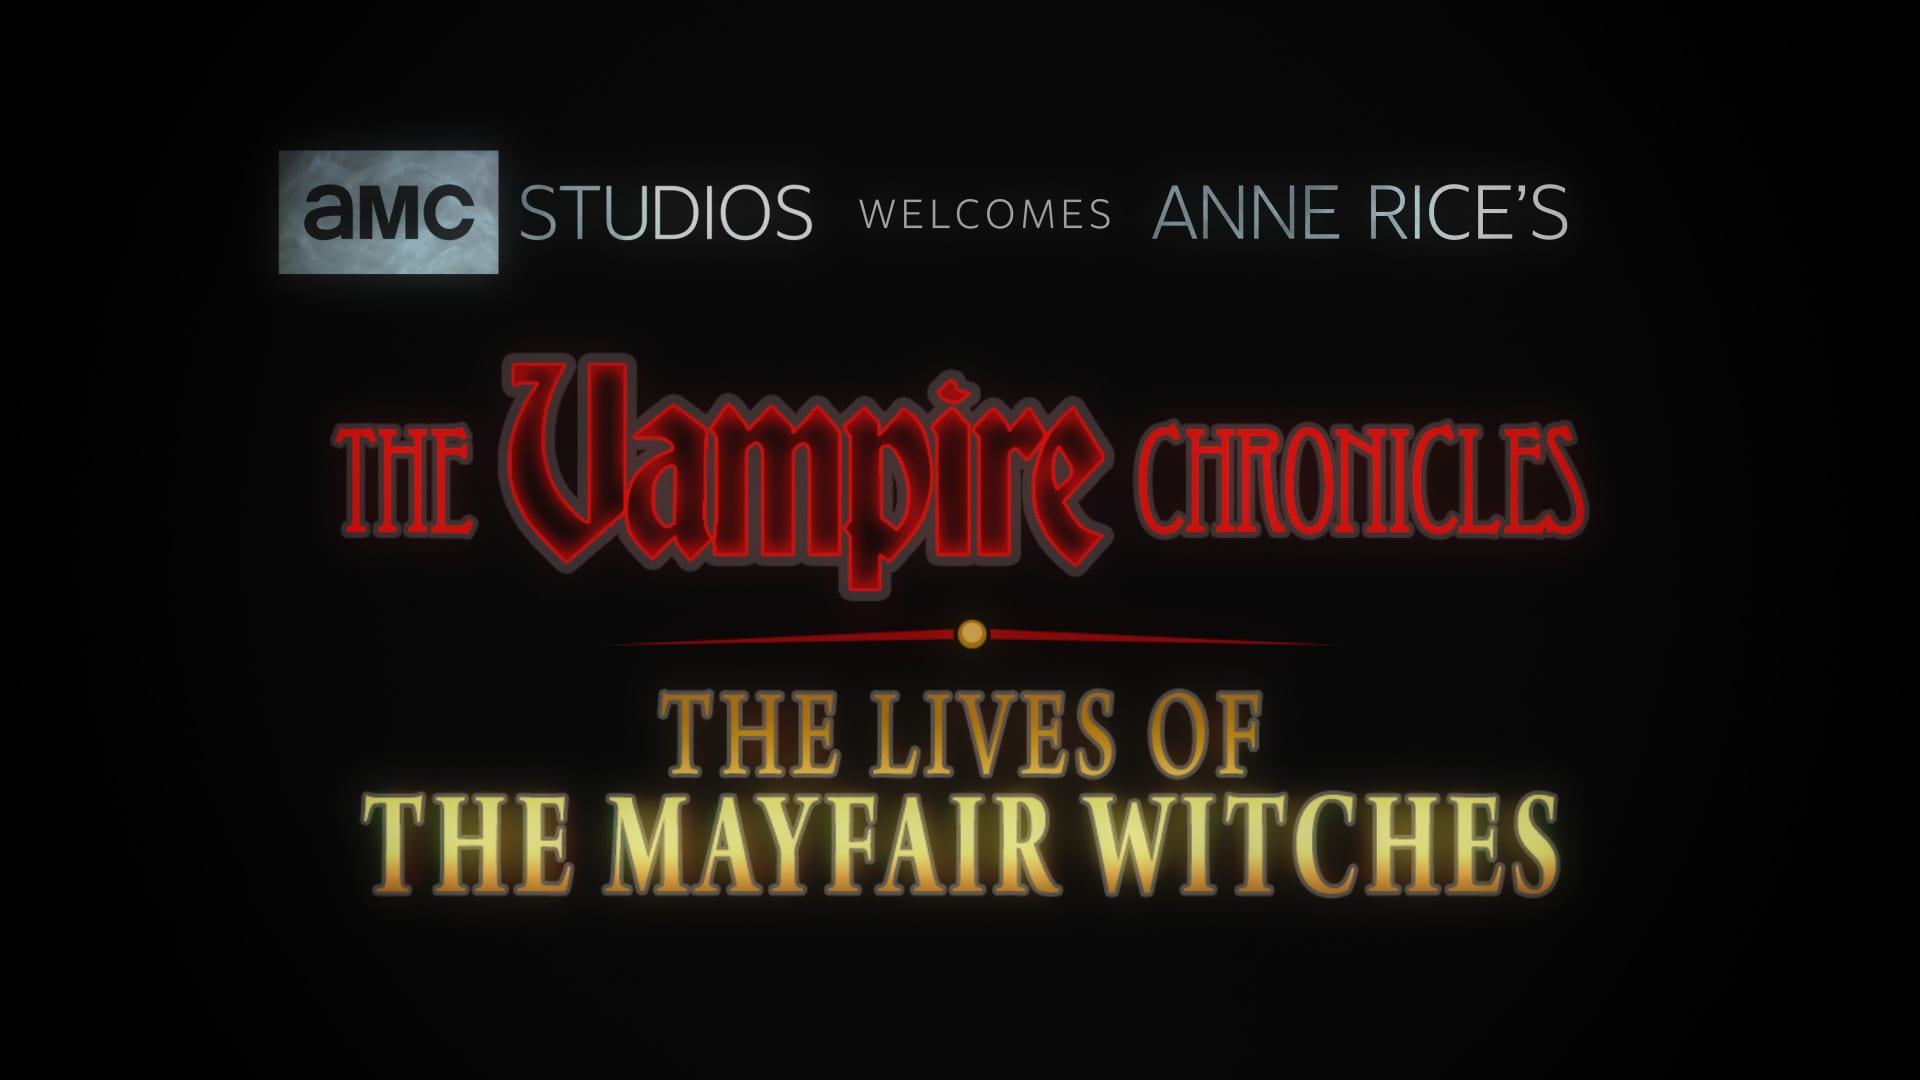 Cronache dei Vampiri, Ciclo delle Streghe Mayfair